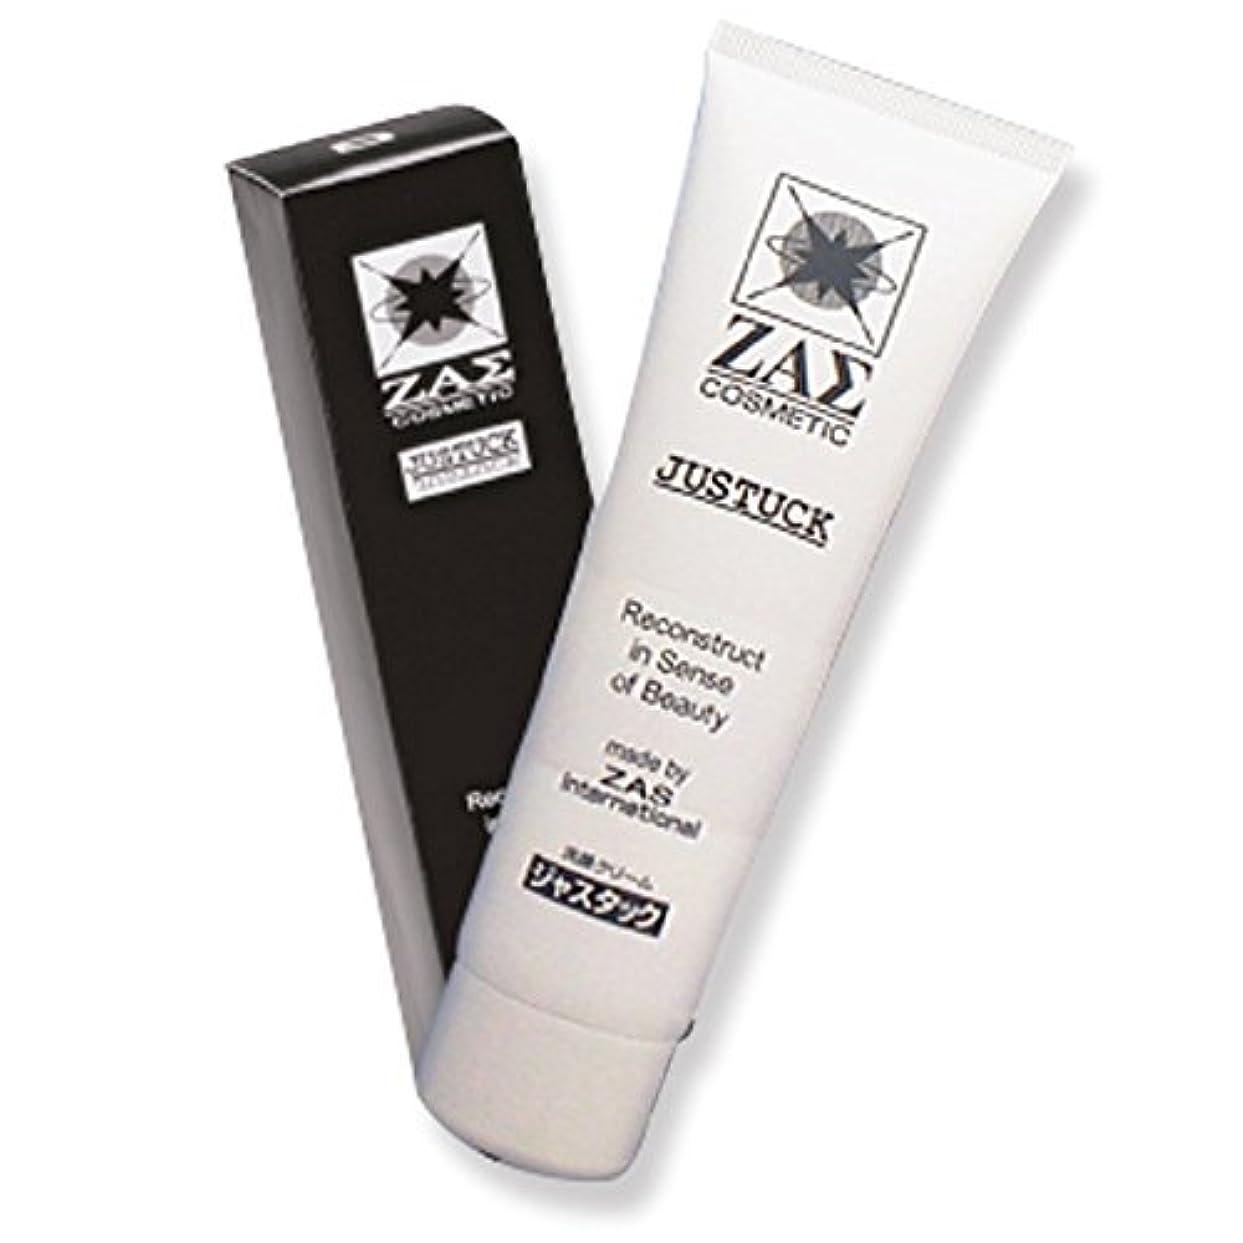 インク制限する不和毛穴クレンジング洗顔料 ジャスタック